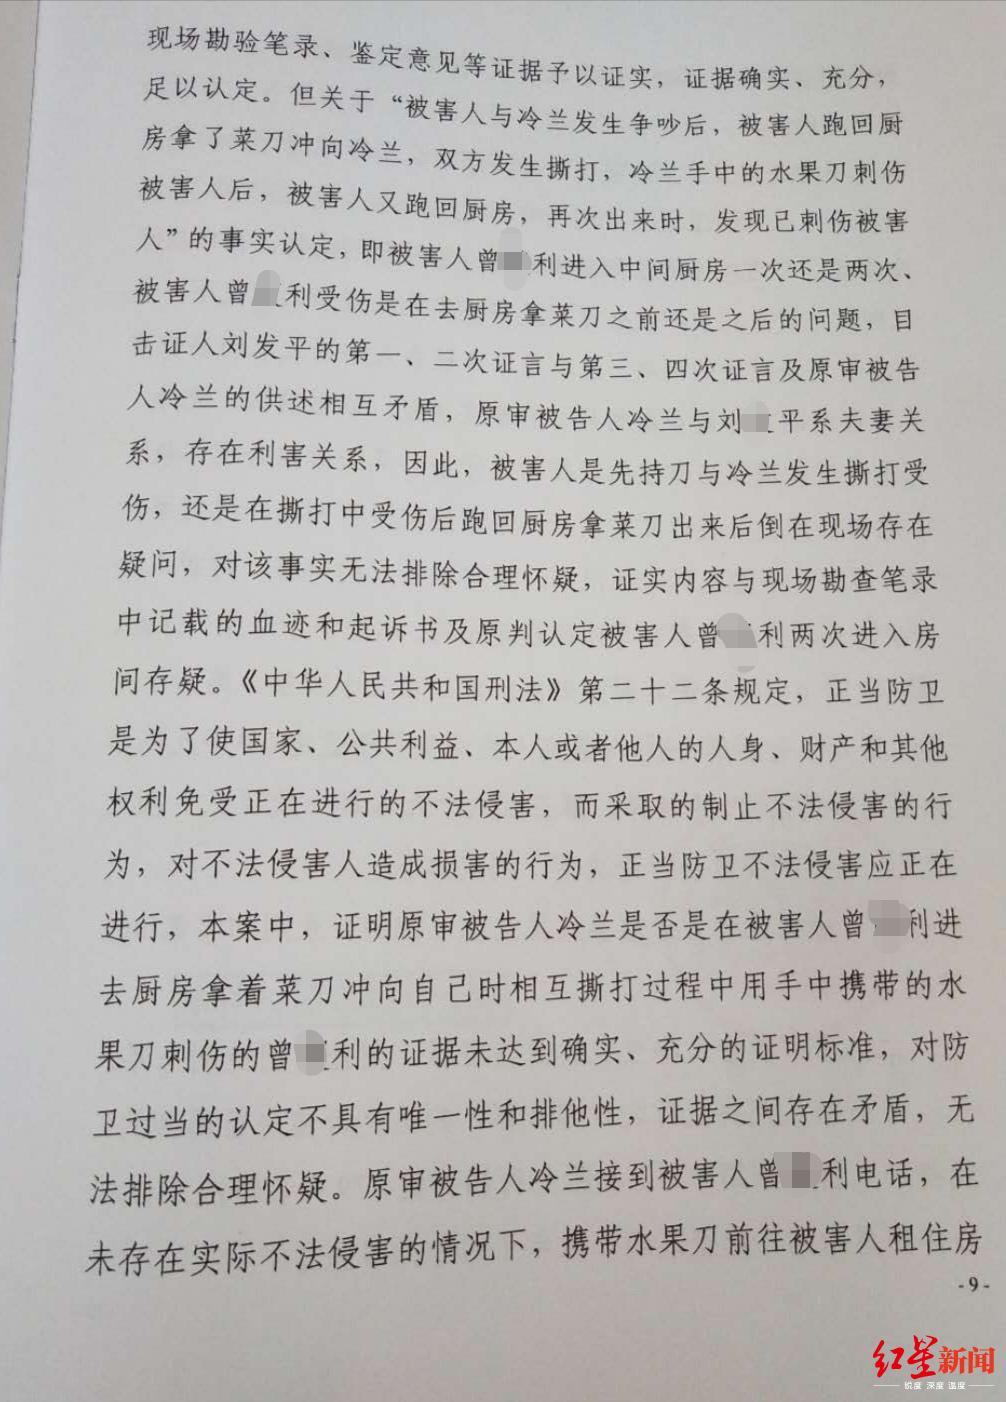 """丽江女子""""反杀案""""改判:不属防卫过当,由缓刑改判7年"""